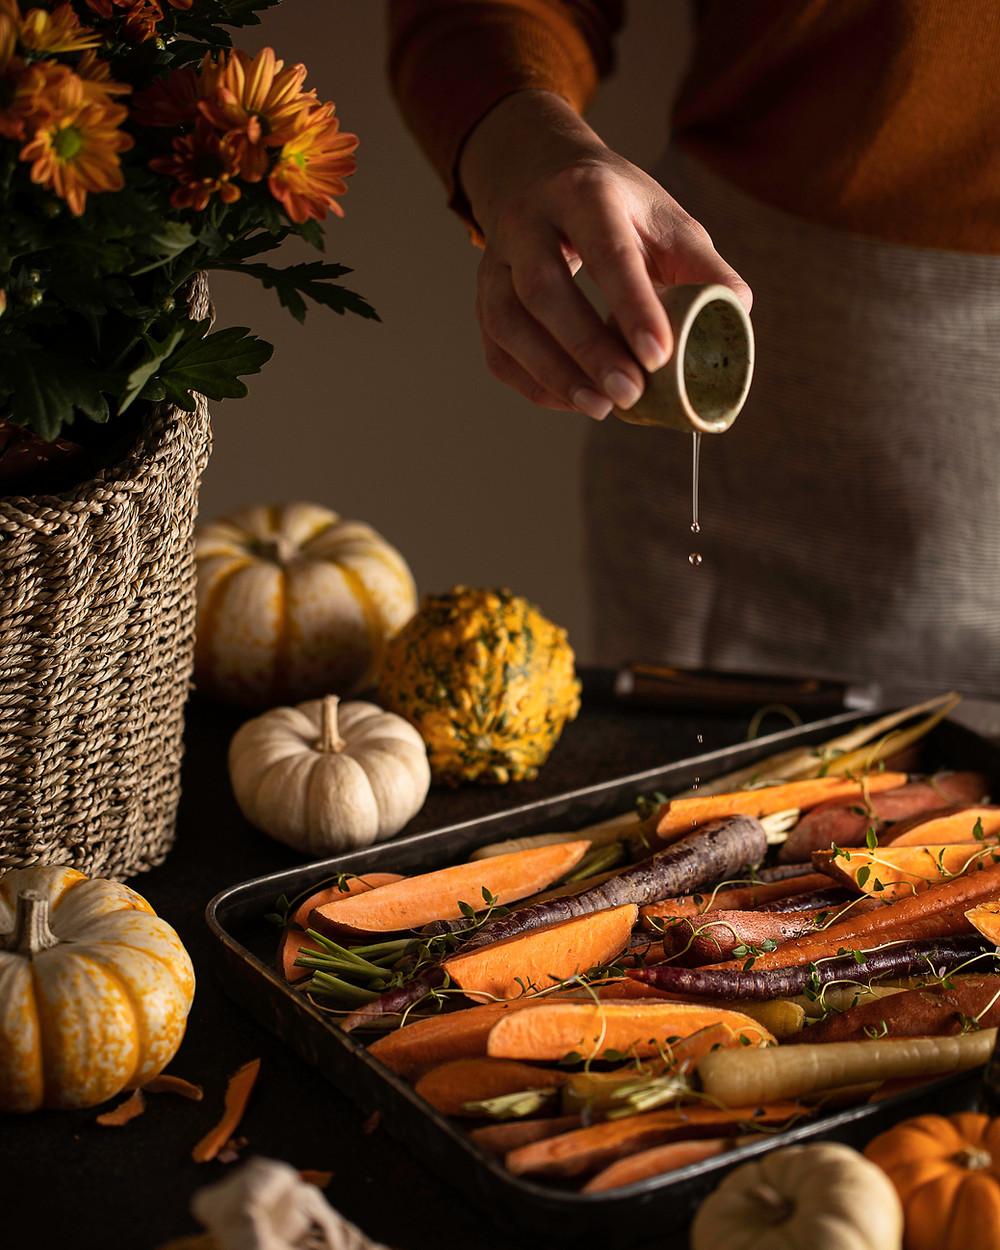 juurekset, terveellinen ruoka, bataatti, kaisawellness, hyvinvointi